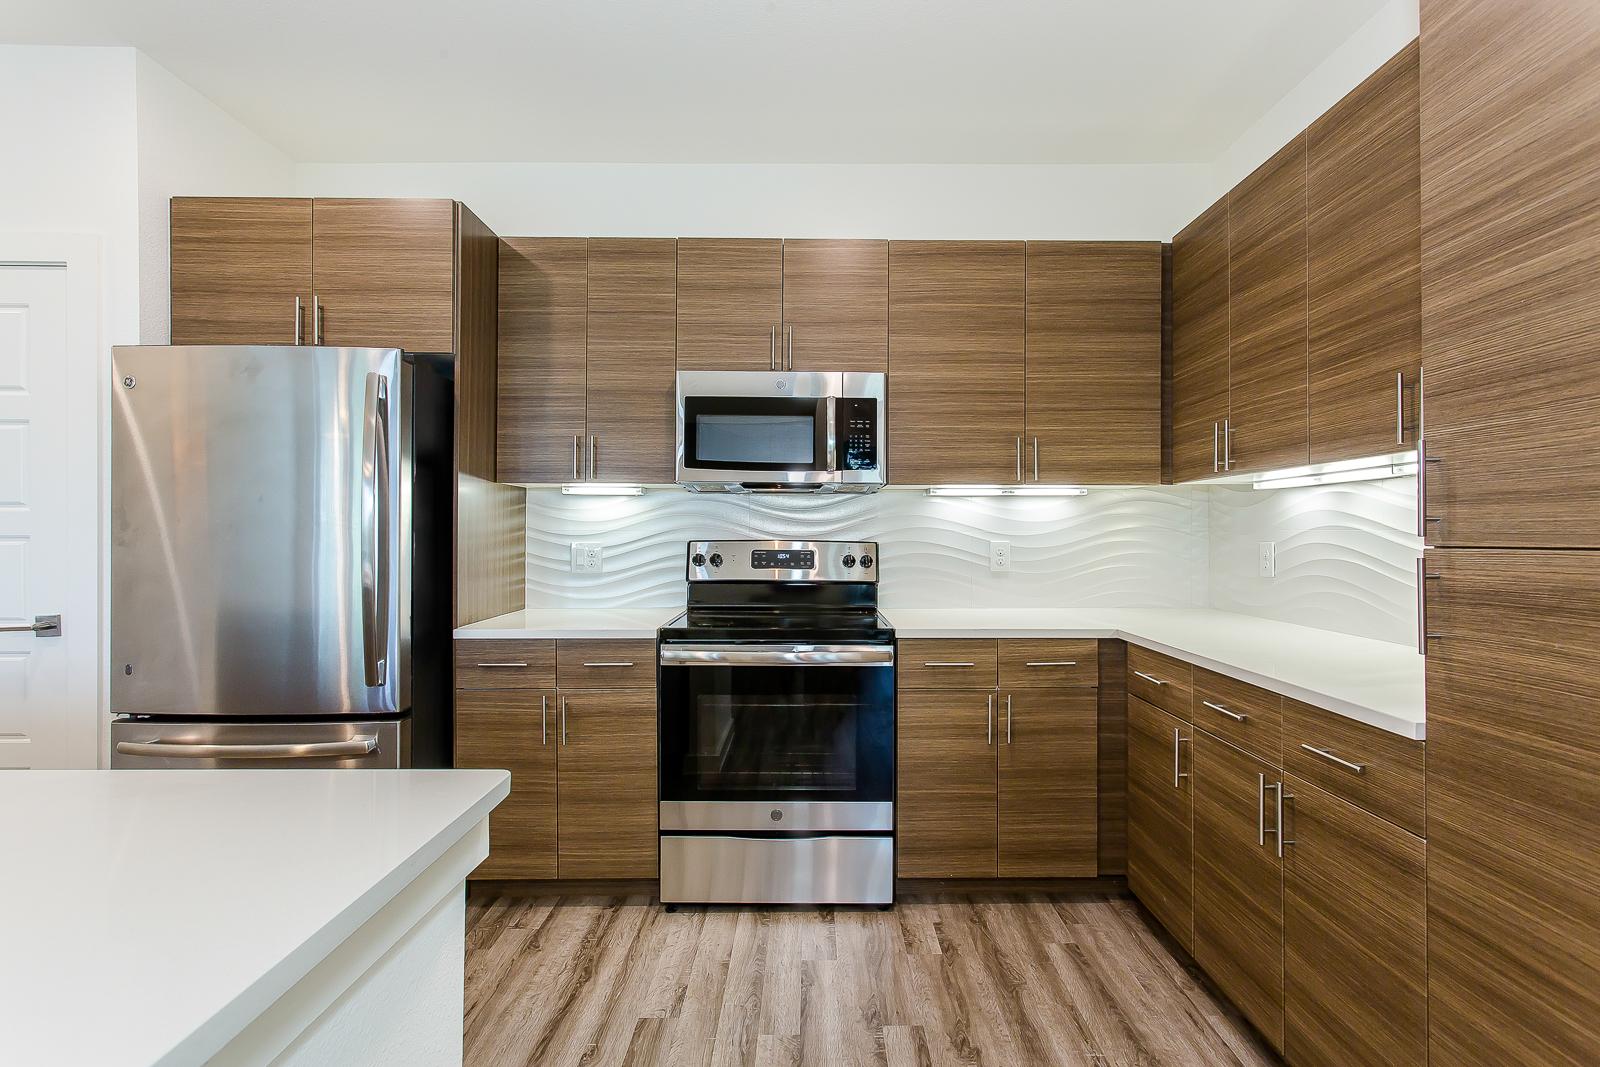 Image of Bishop Flats Apartments Kitchen at Bishop Arts